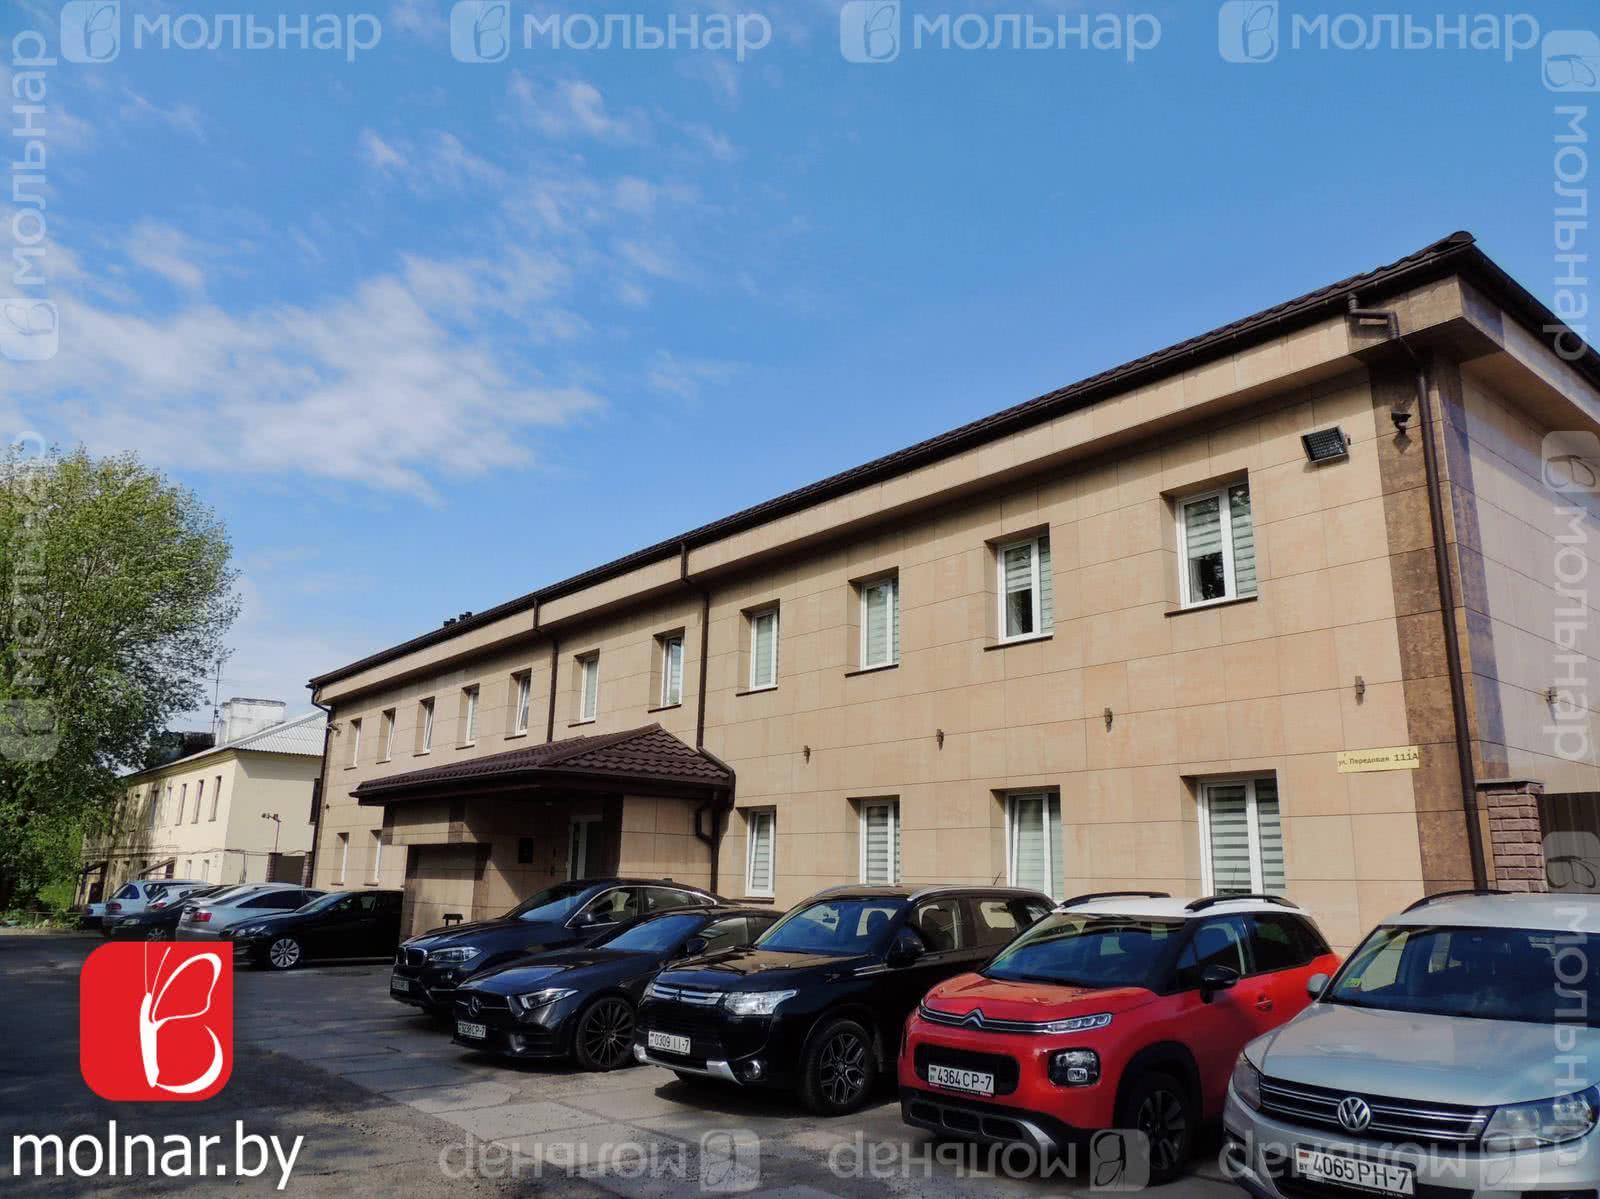 Купить складское помещение на ул. Передовая, д. 111 в Минске - фото 2